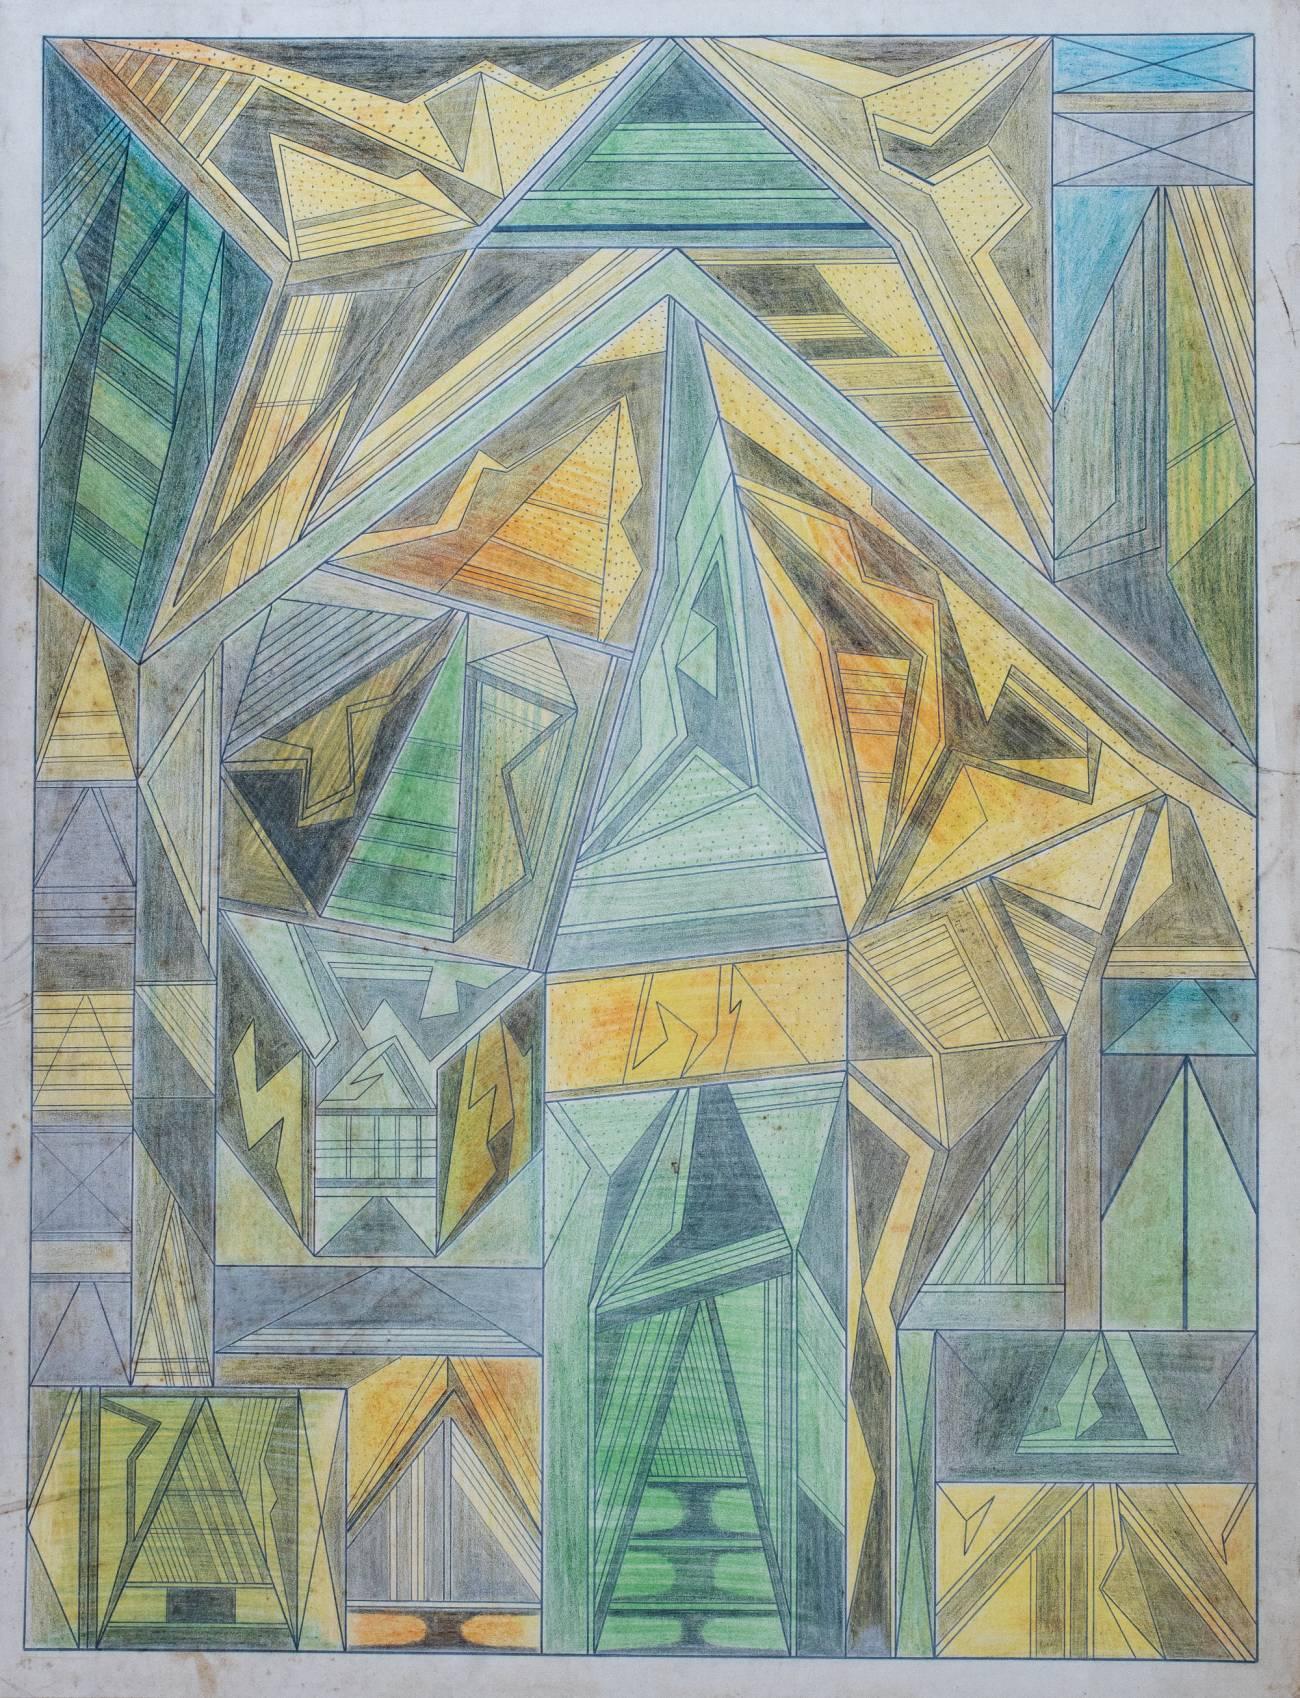 Domingo Guccione 8141 (1940) - Domingo Guccione